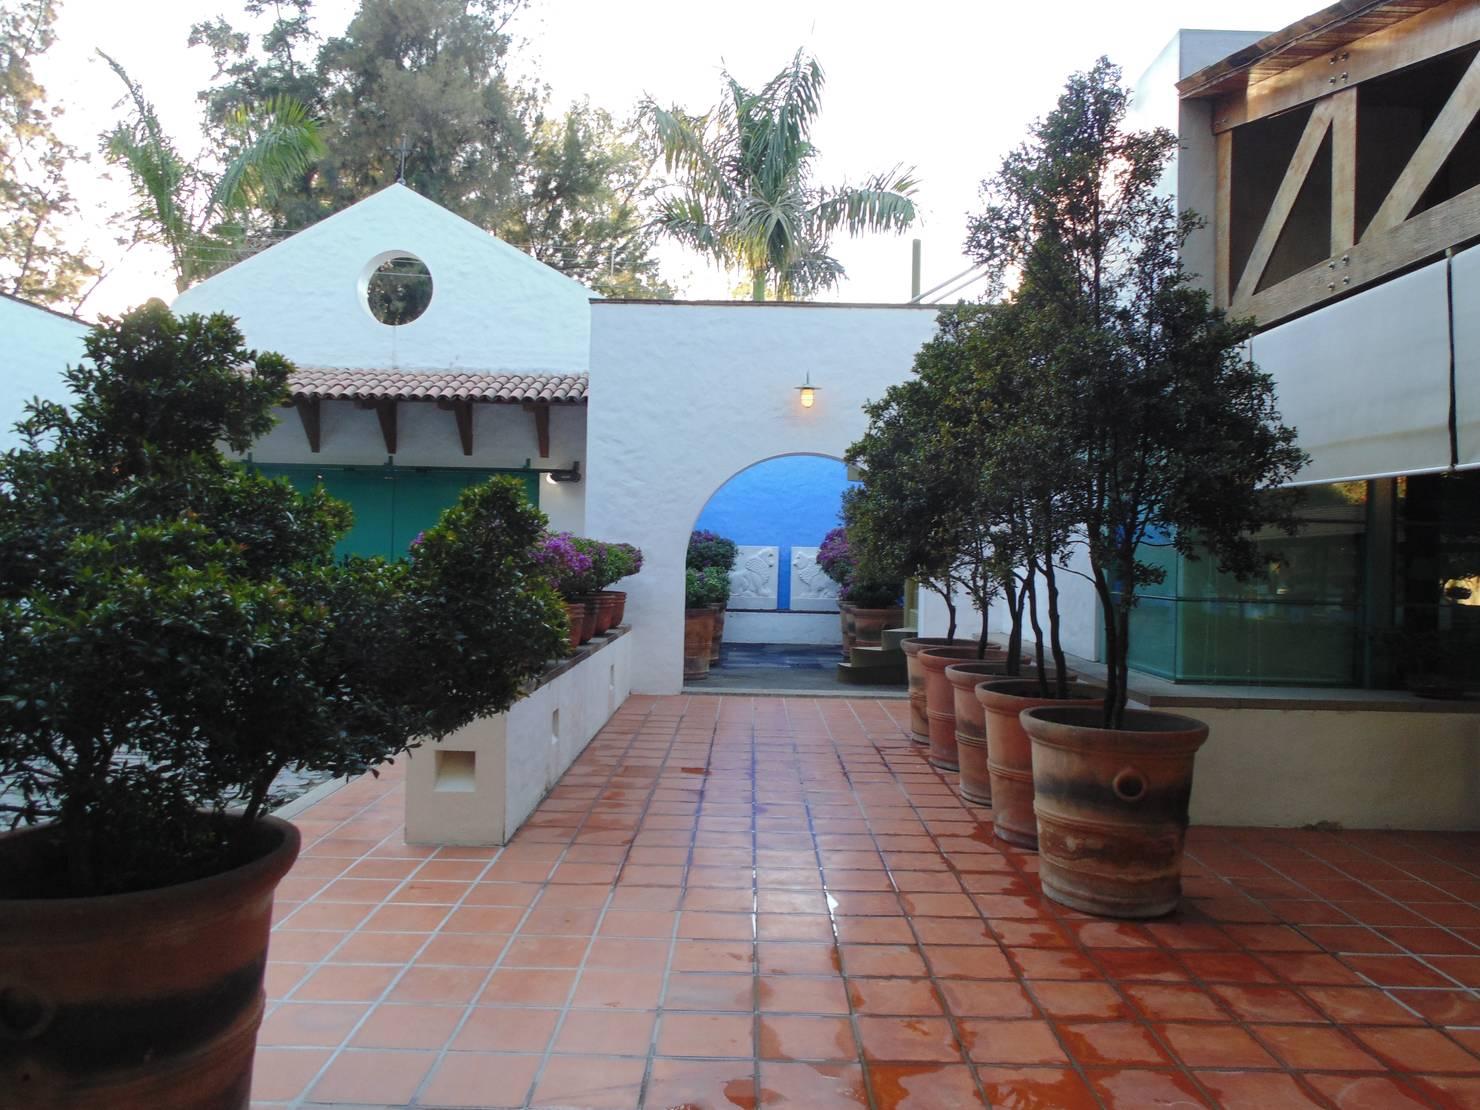 20 pavimentos para el suelo de tu patio y entrada ¡maravillosos!